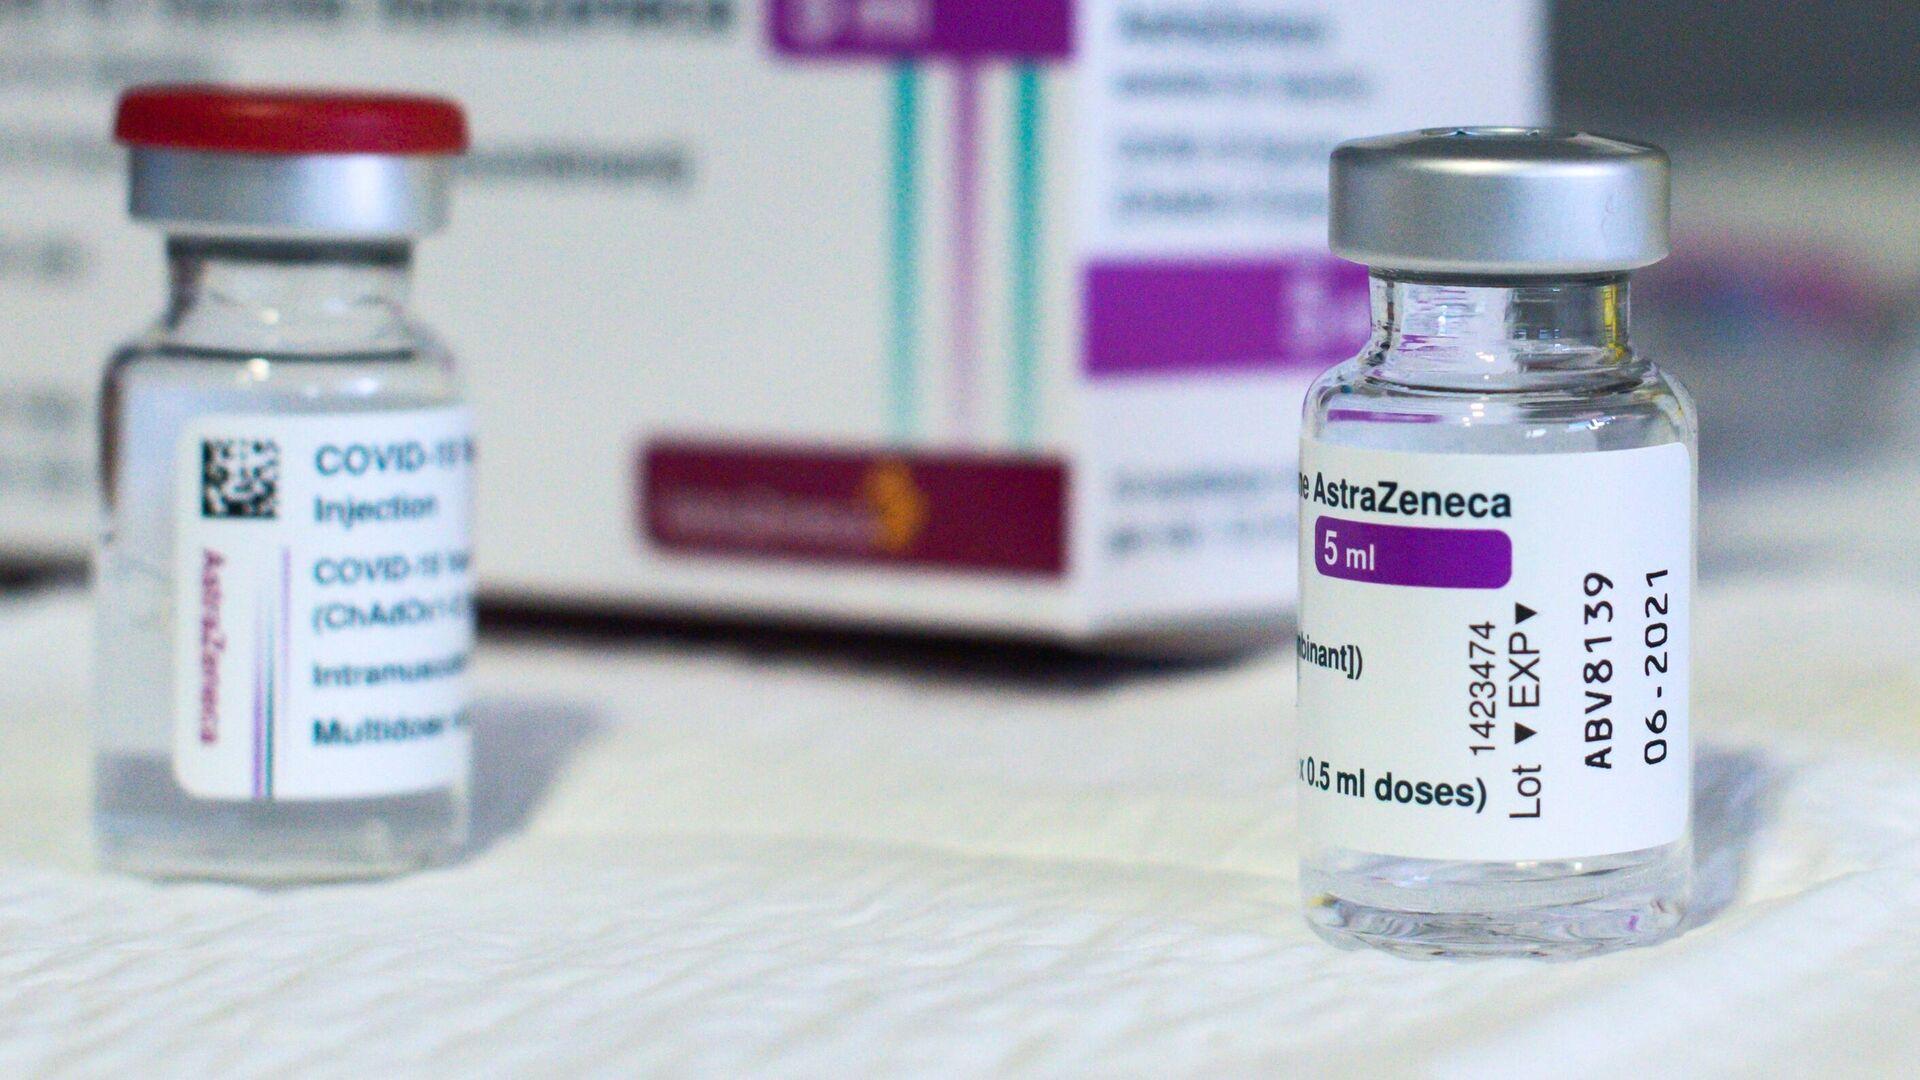 Вакцина Oxford/AstraZeneca от COVID-19  - РИА Новости, 1920, 08.04.2021